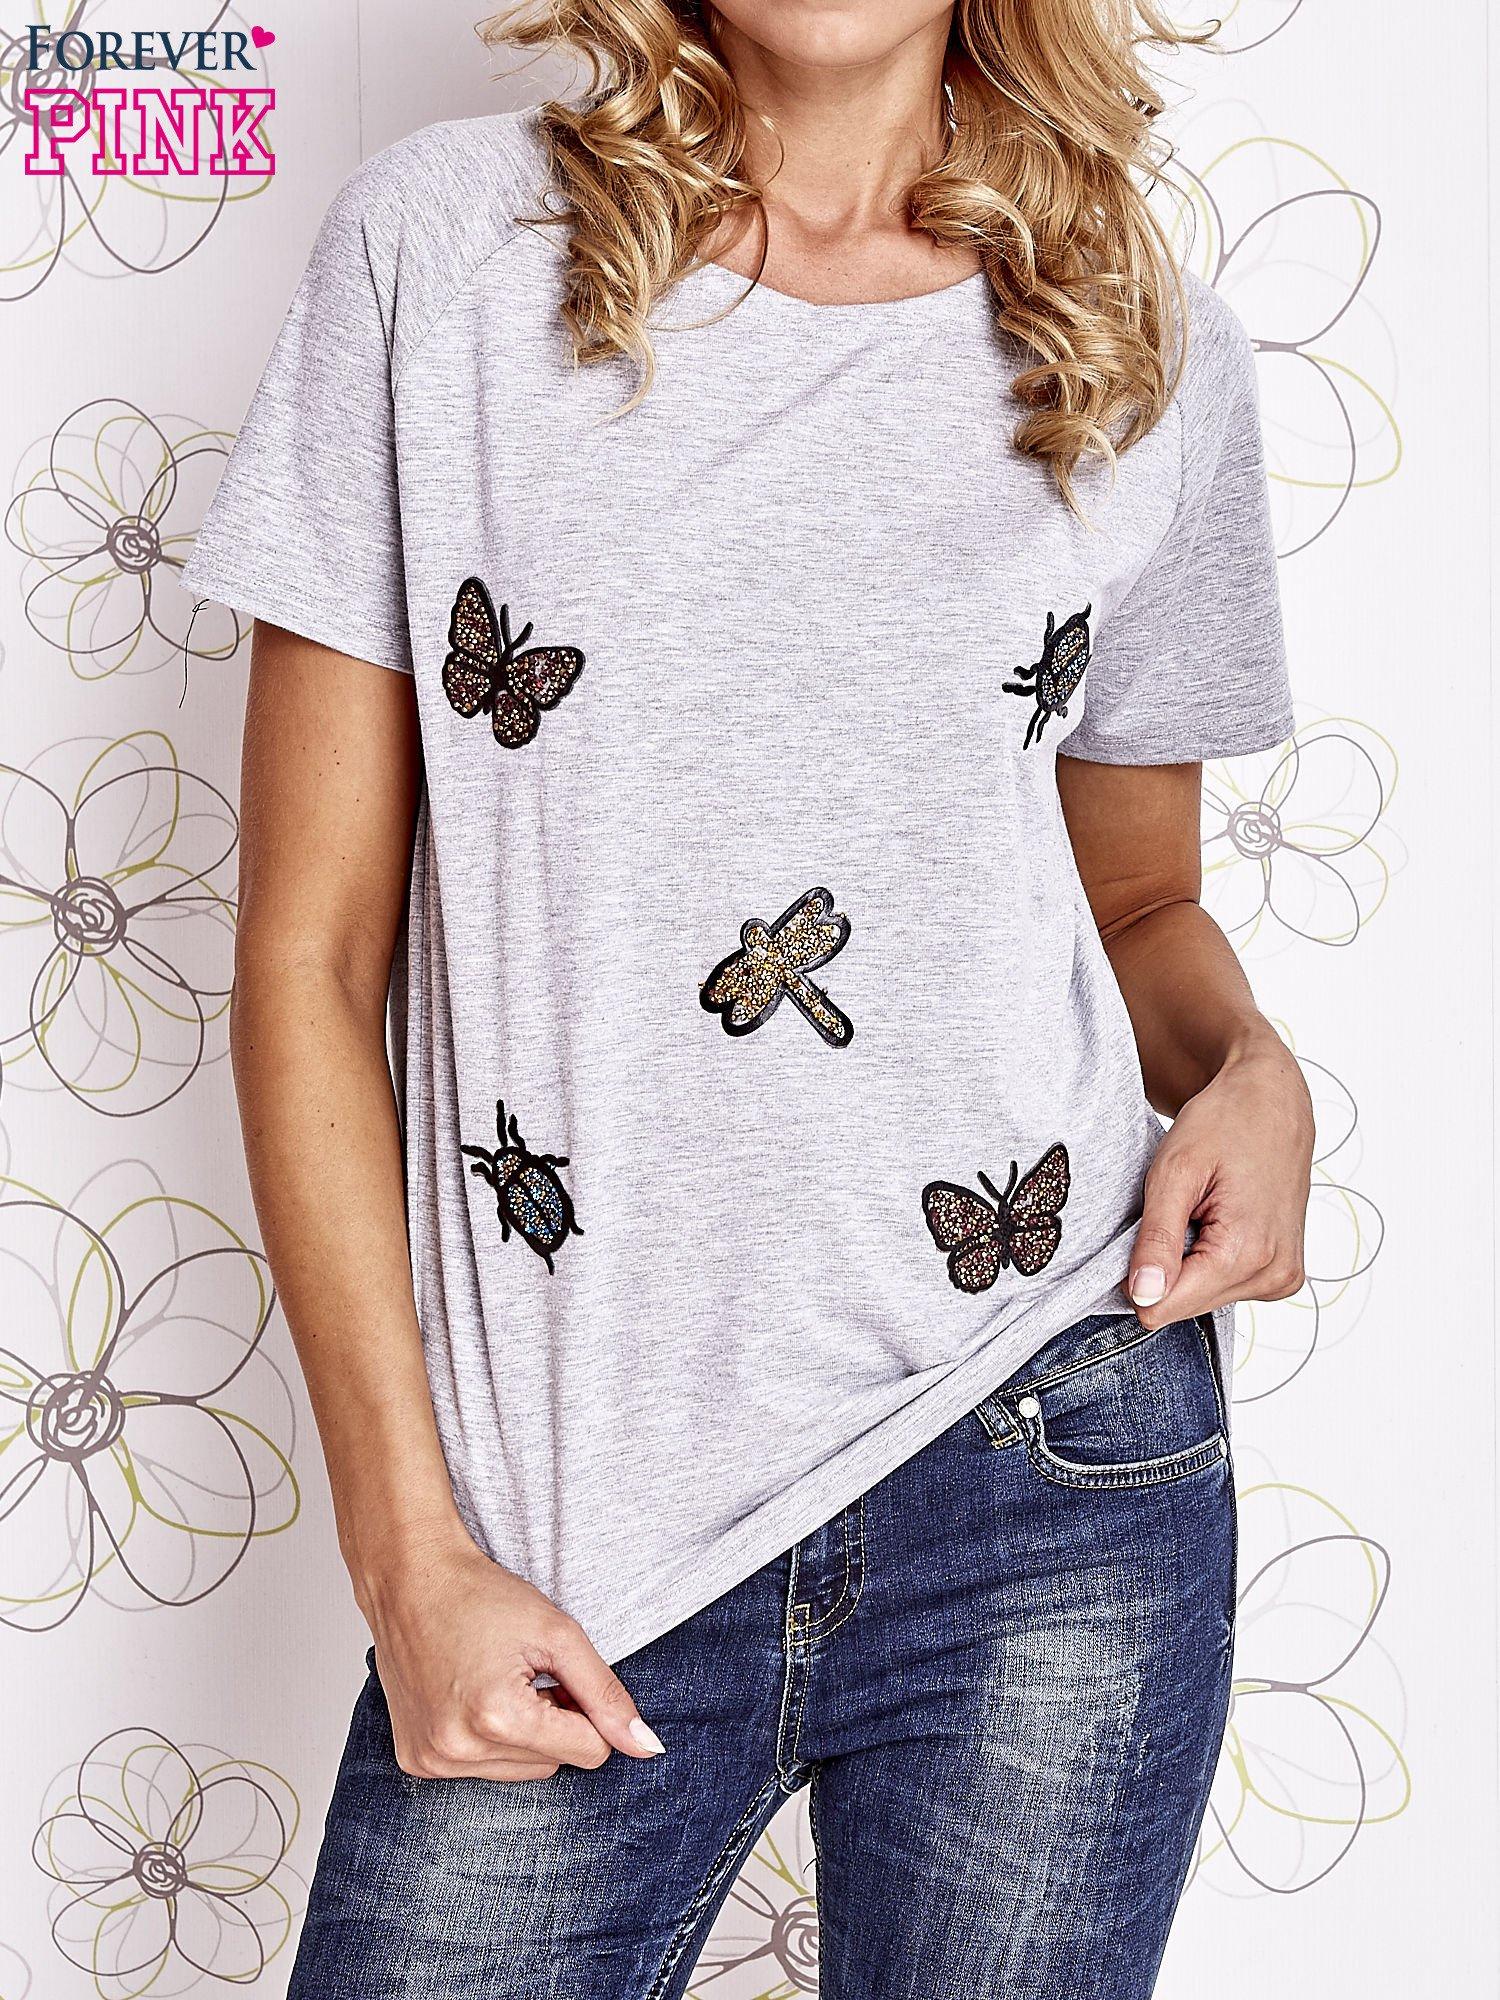 Szary t-shirt z aplikacją owadów                                   zdj.                                  1